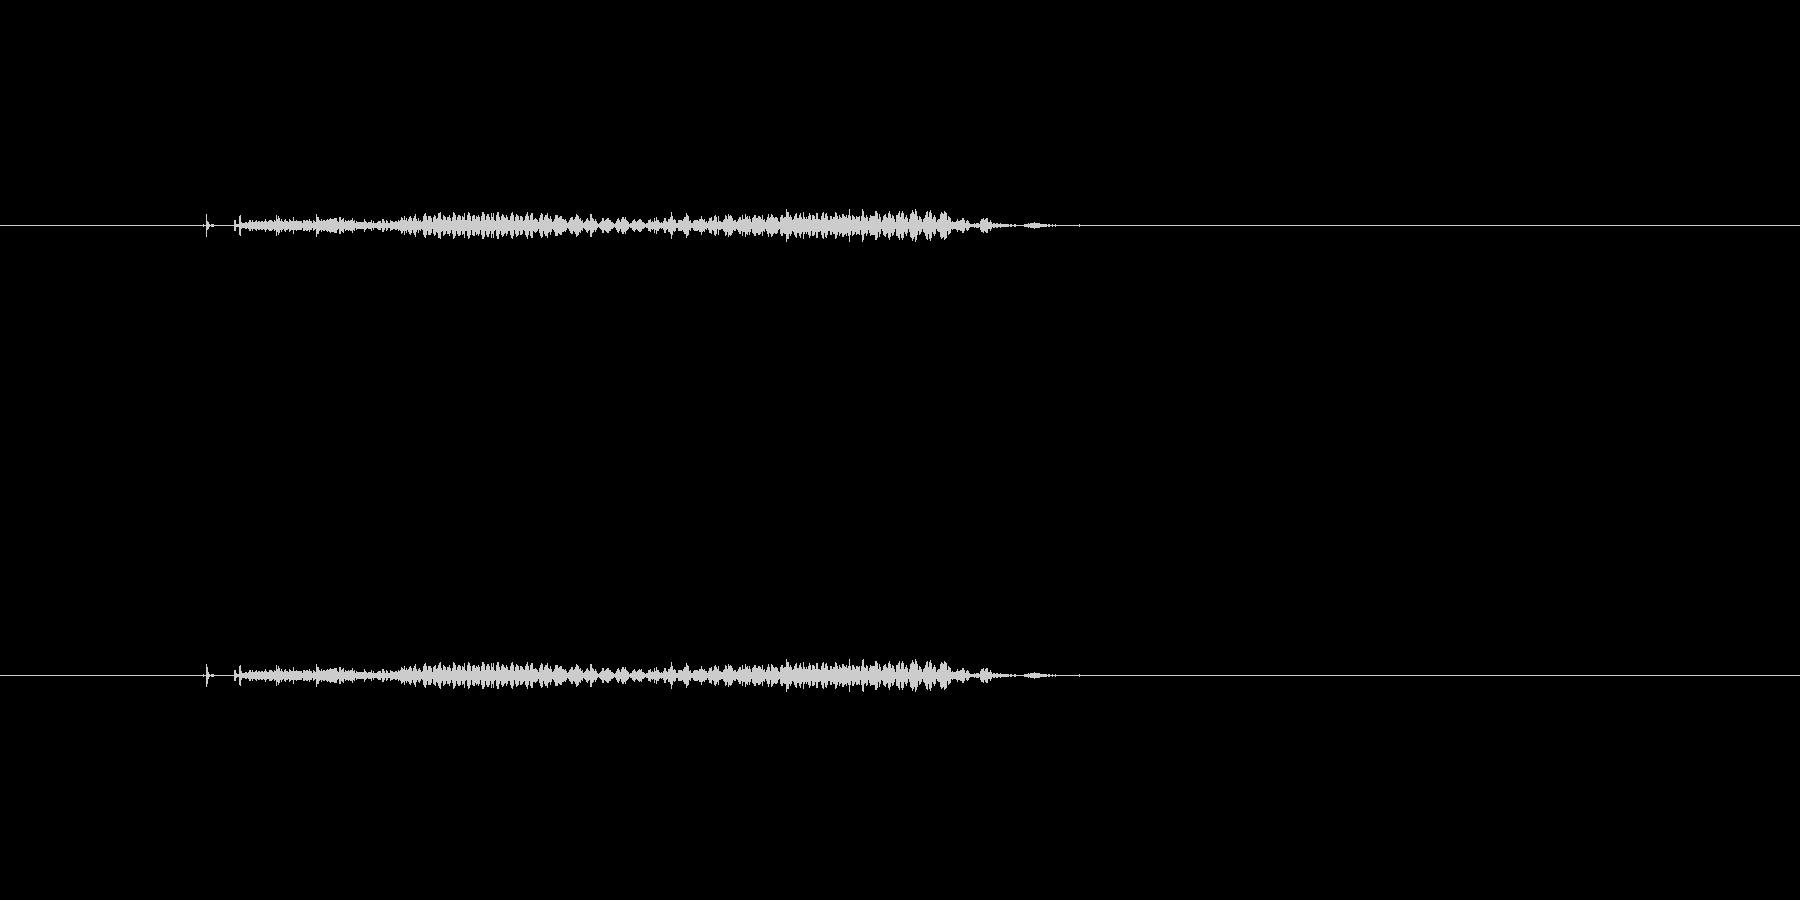 雉(きじ)の未再生の波形